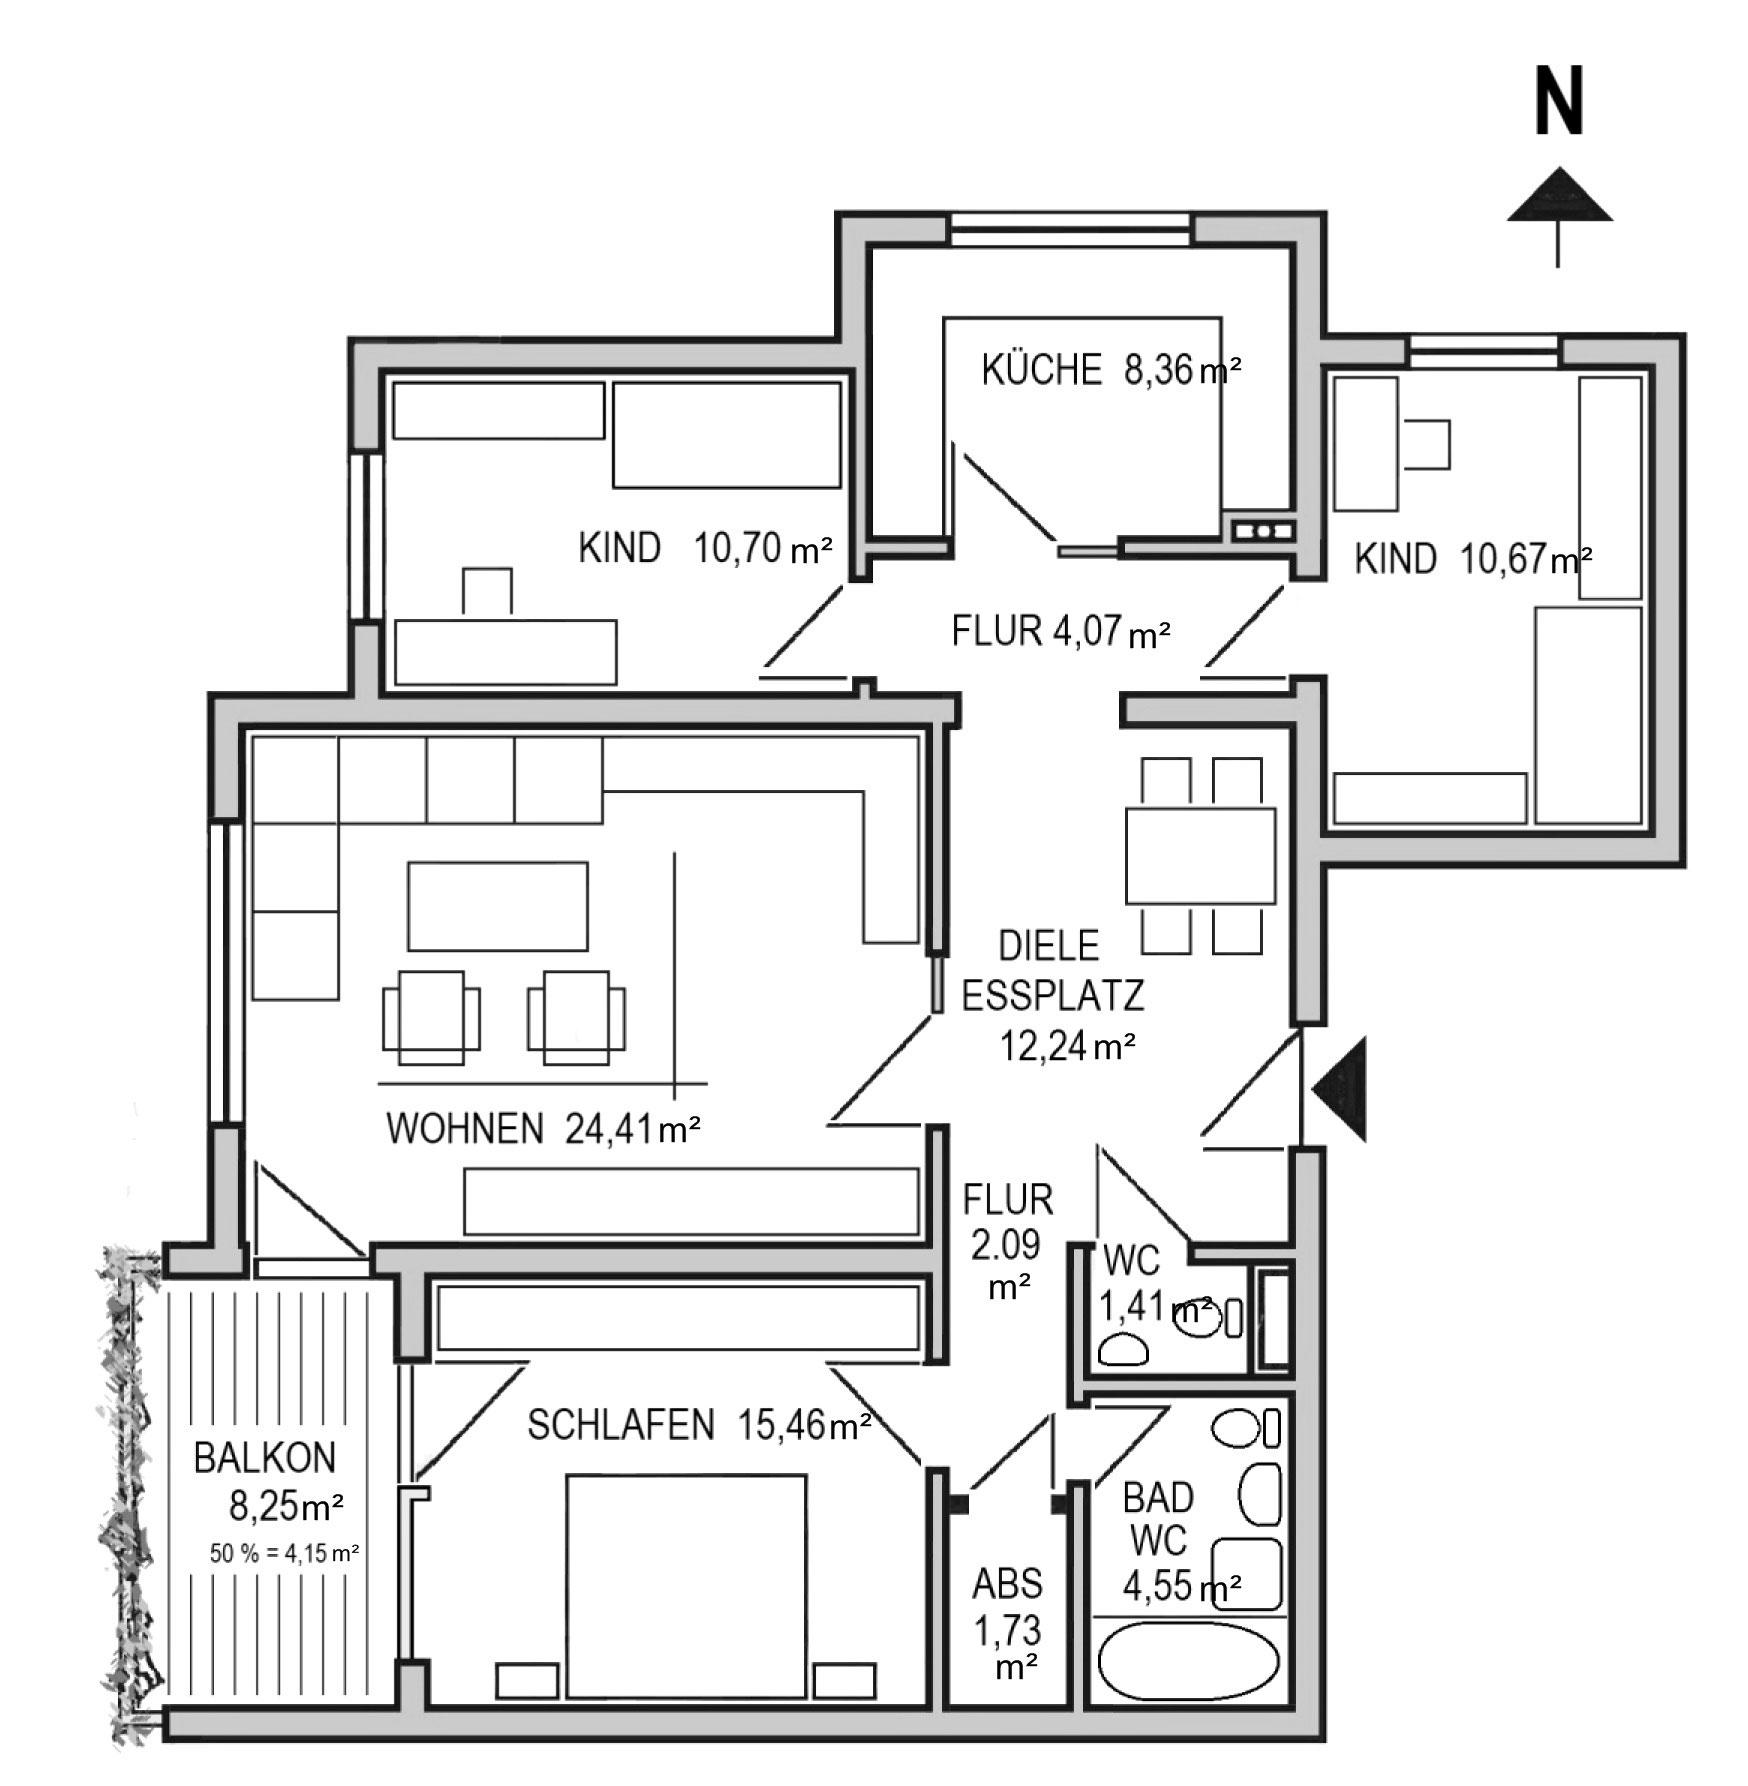 zu verkaufen 4 5 zimmer wohnung in markdorf nannt. Black Bedroom Furniture Sets. Home Design Ideas